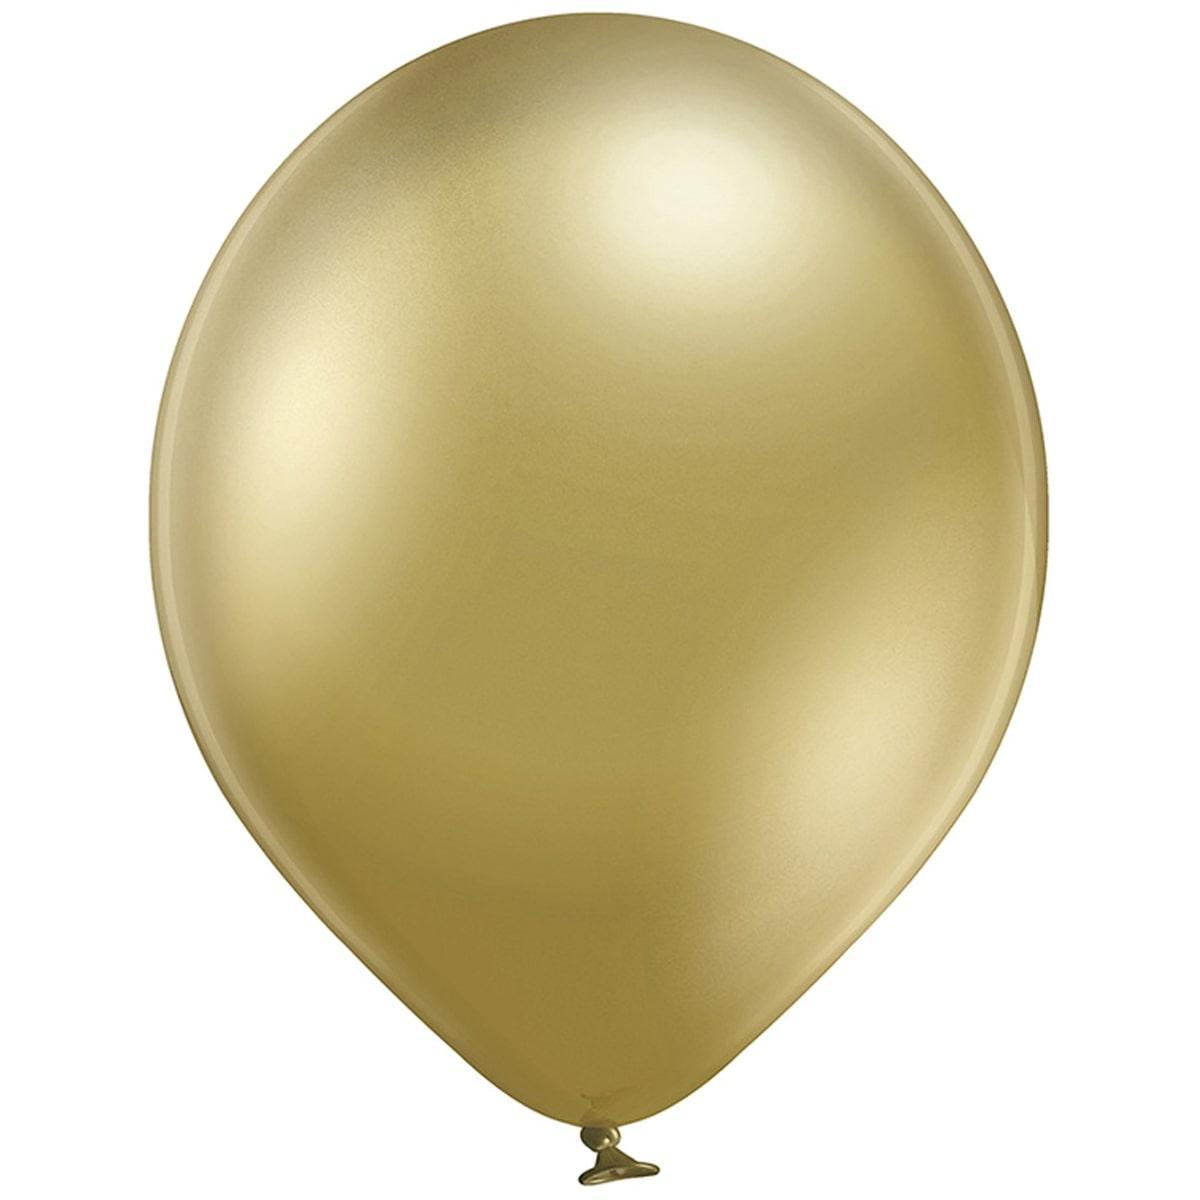 """В 12"""" 105/600 Хром Золотистый glossy gold. Латексные шары круглые без рисунка"""